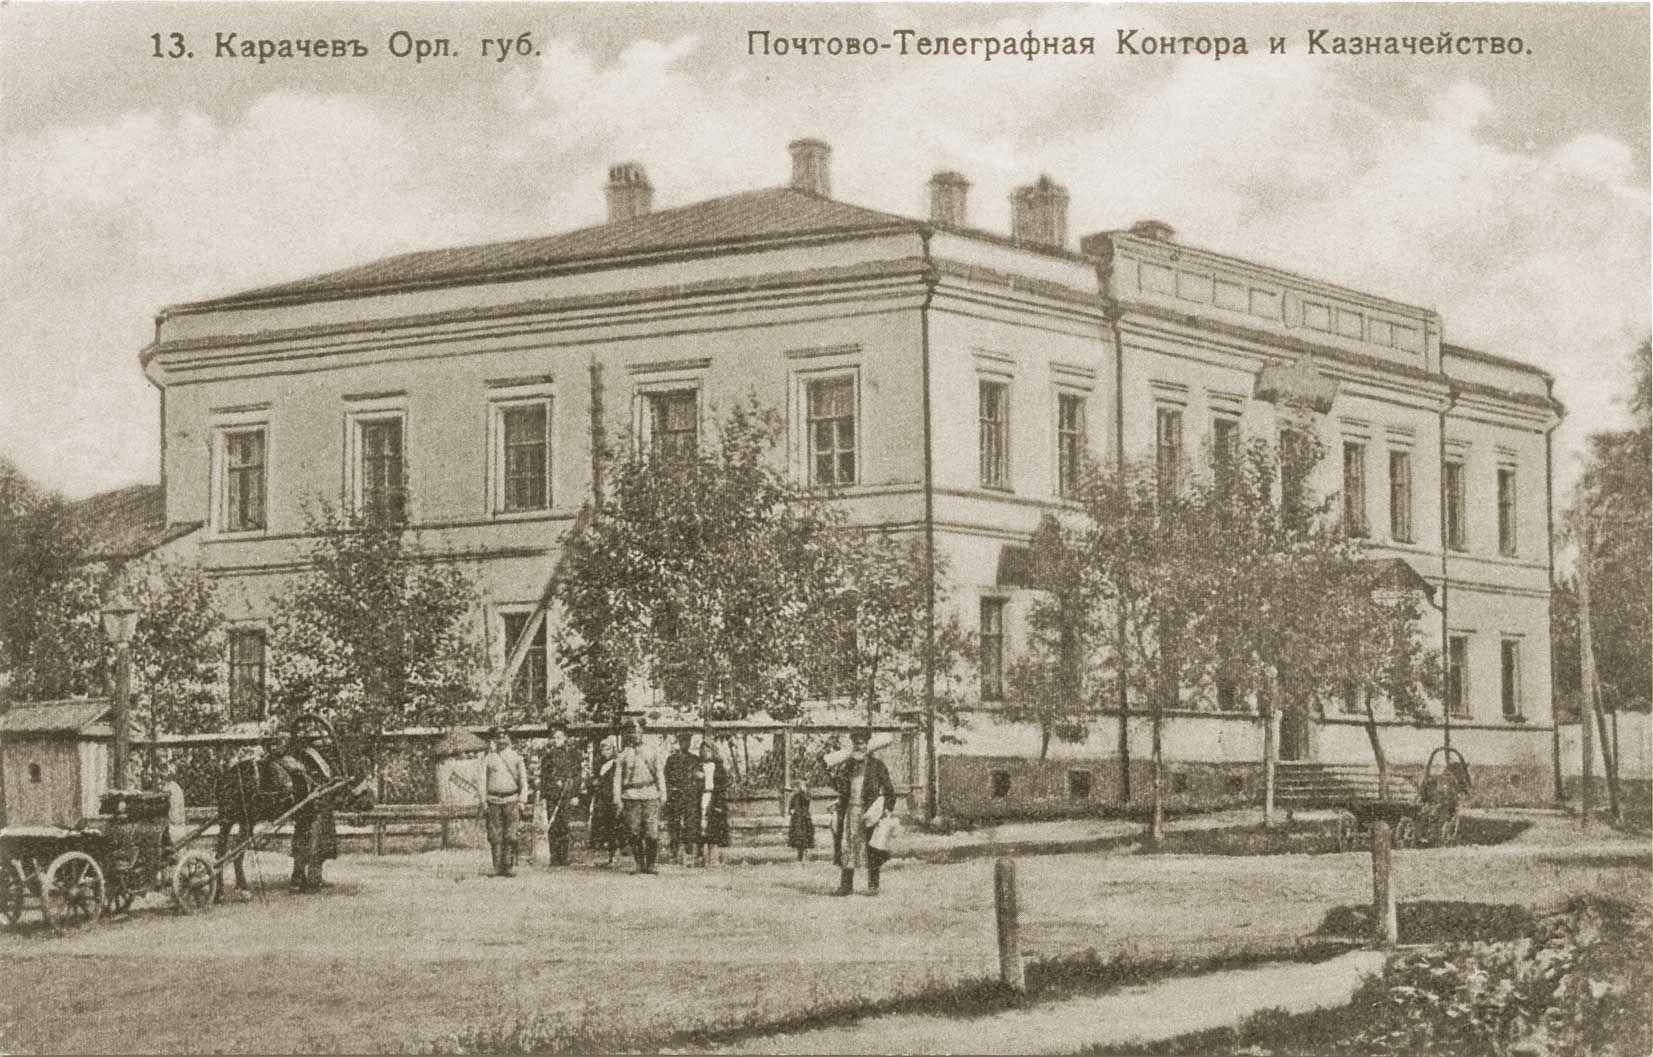 Почтово-Телеграфная Контора и Казначейство